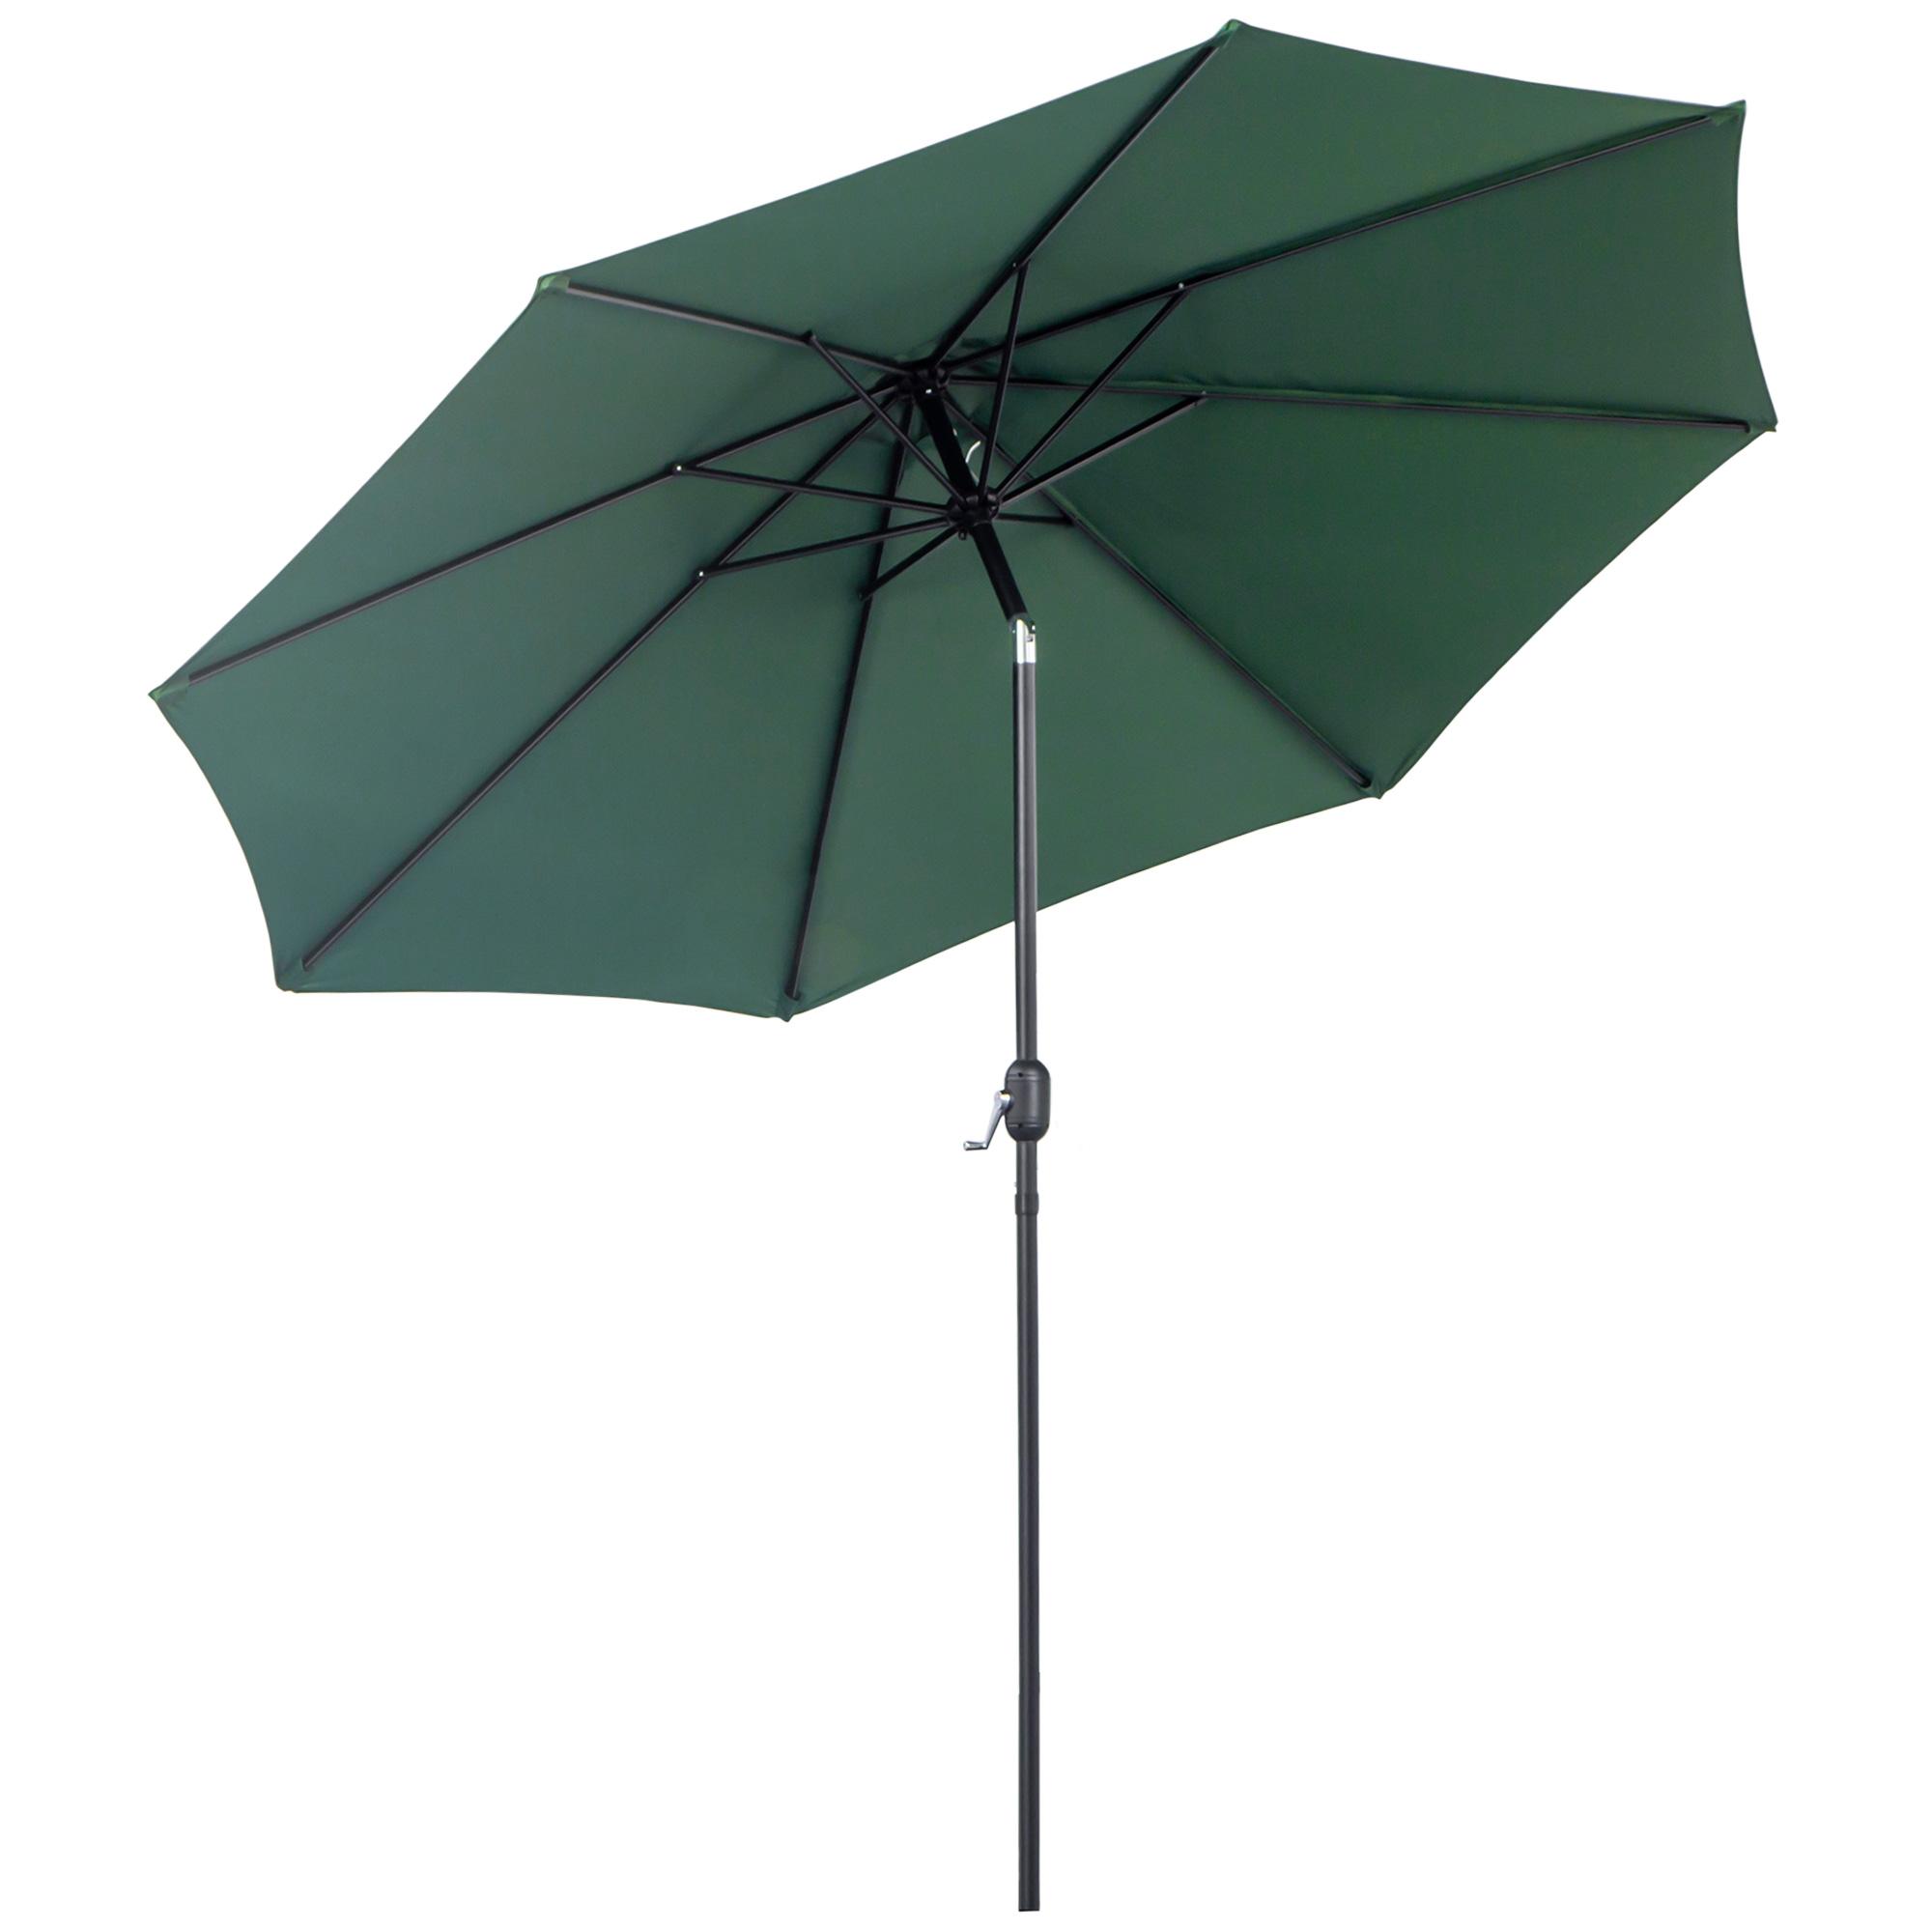 Parasol en aluminium rond inclinable vert